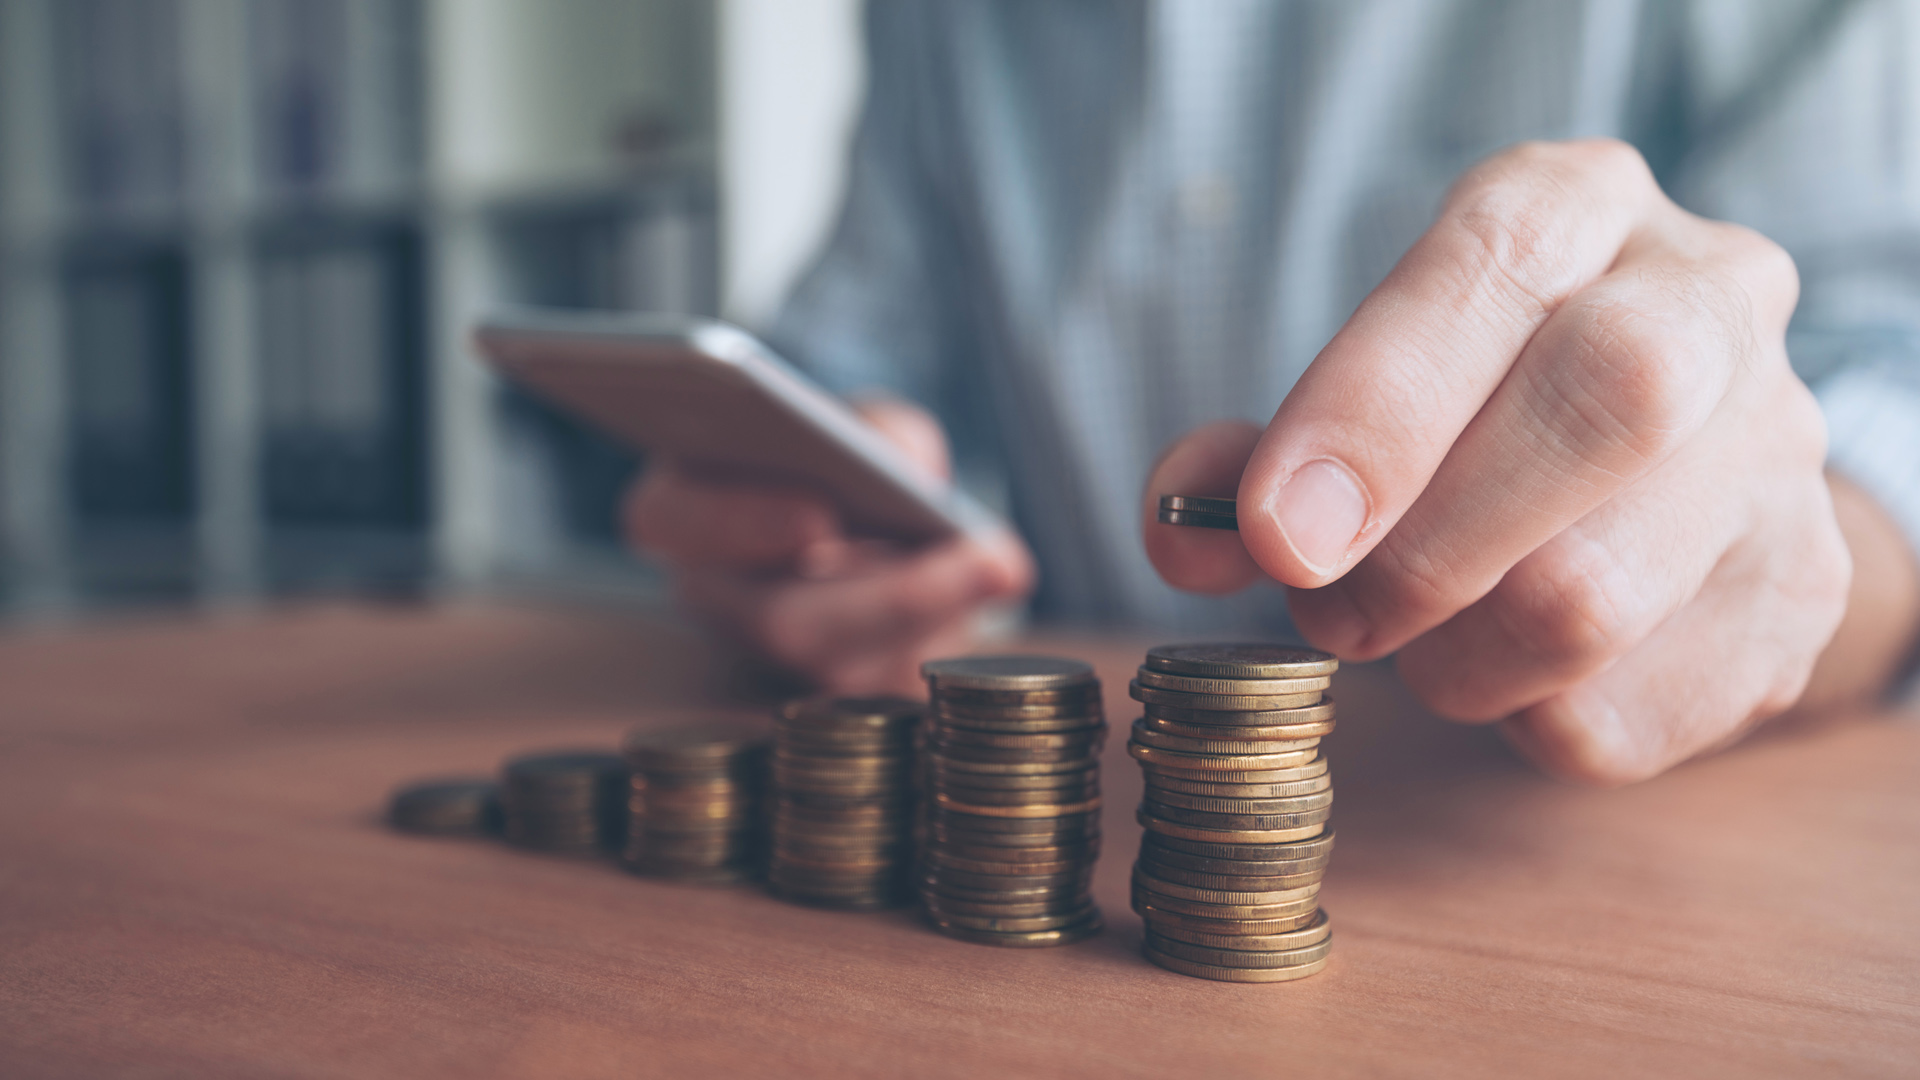 До бюджетів Черкащини надійшло понад 11 мільярдів гривень податків